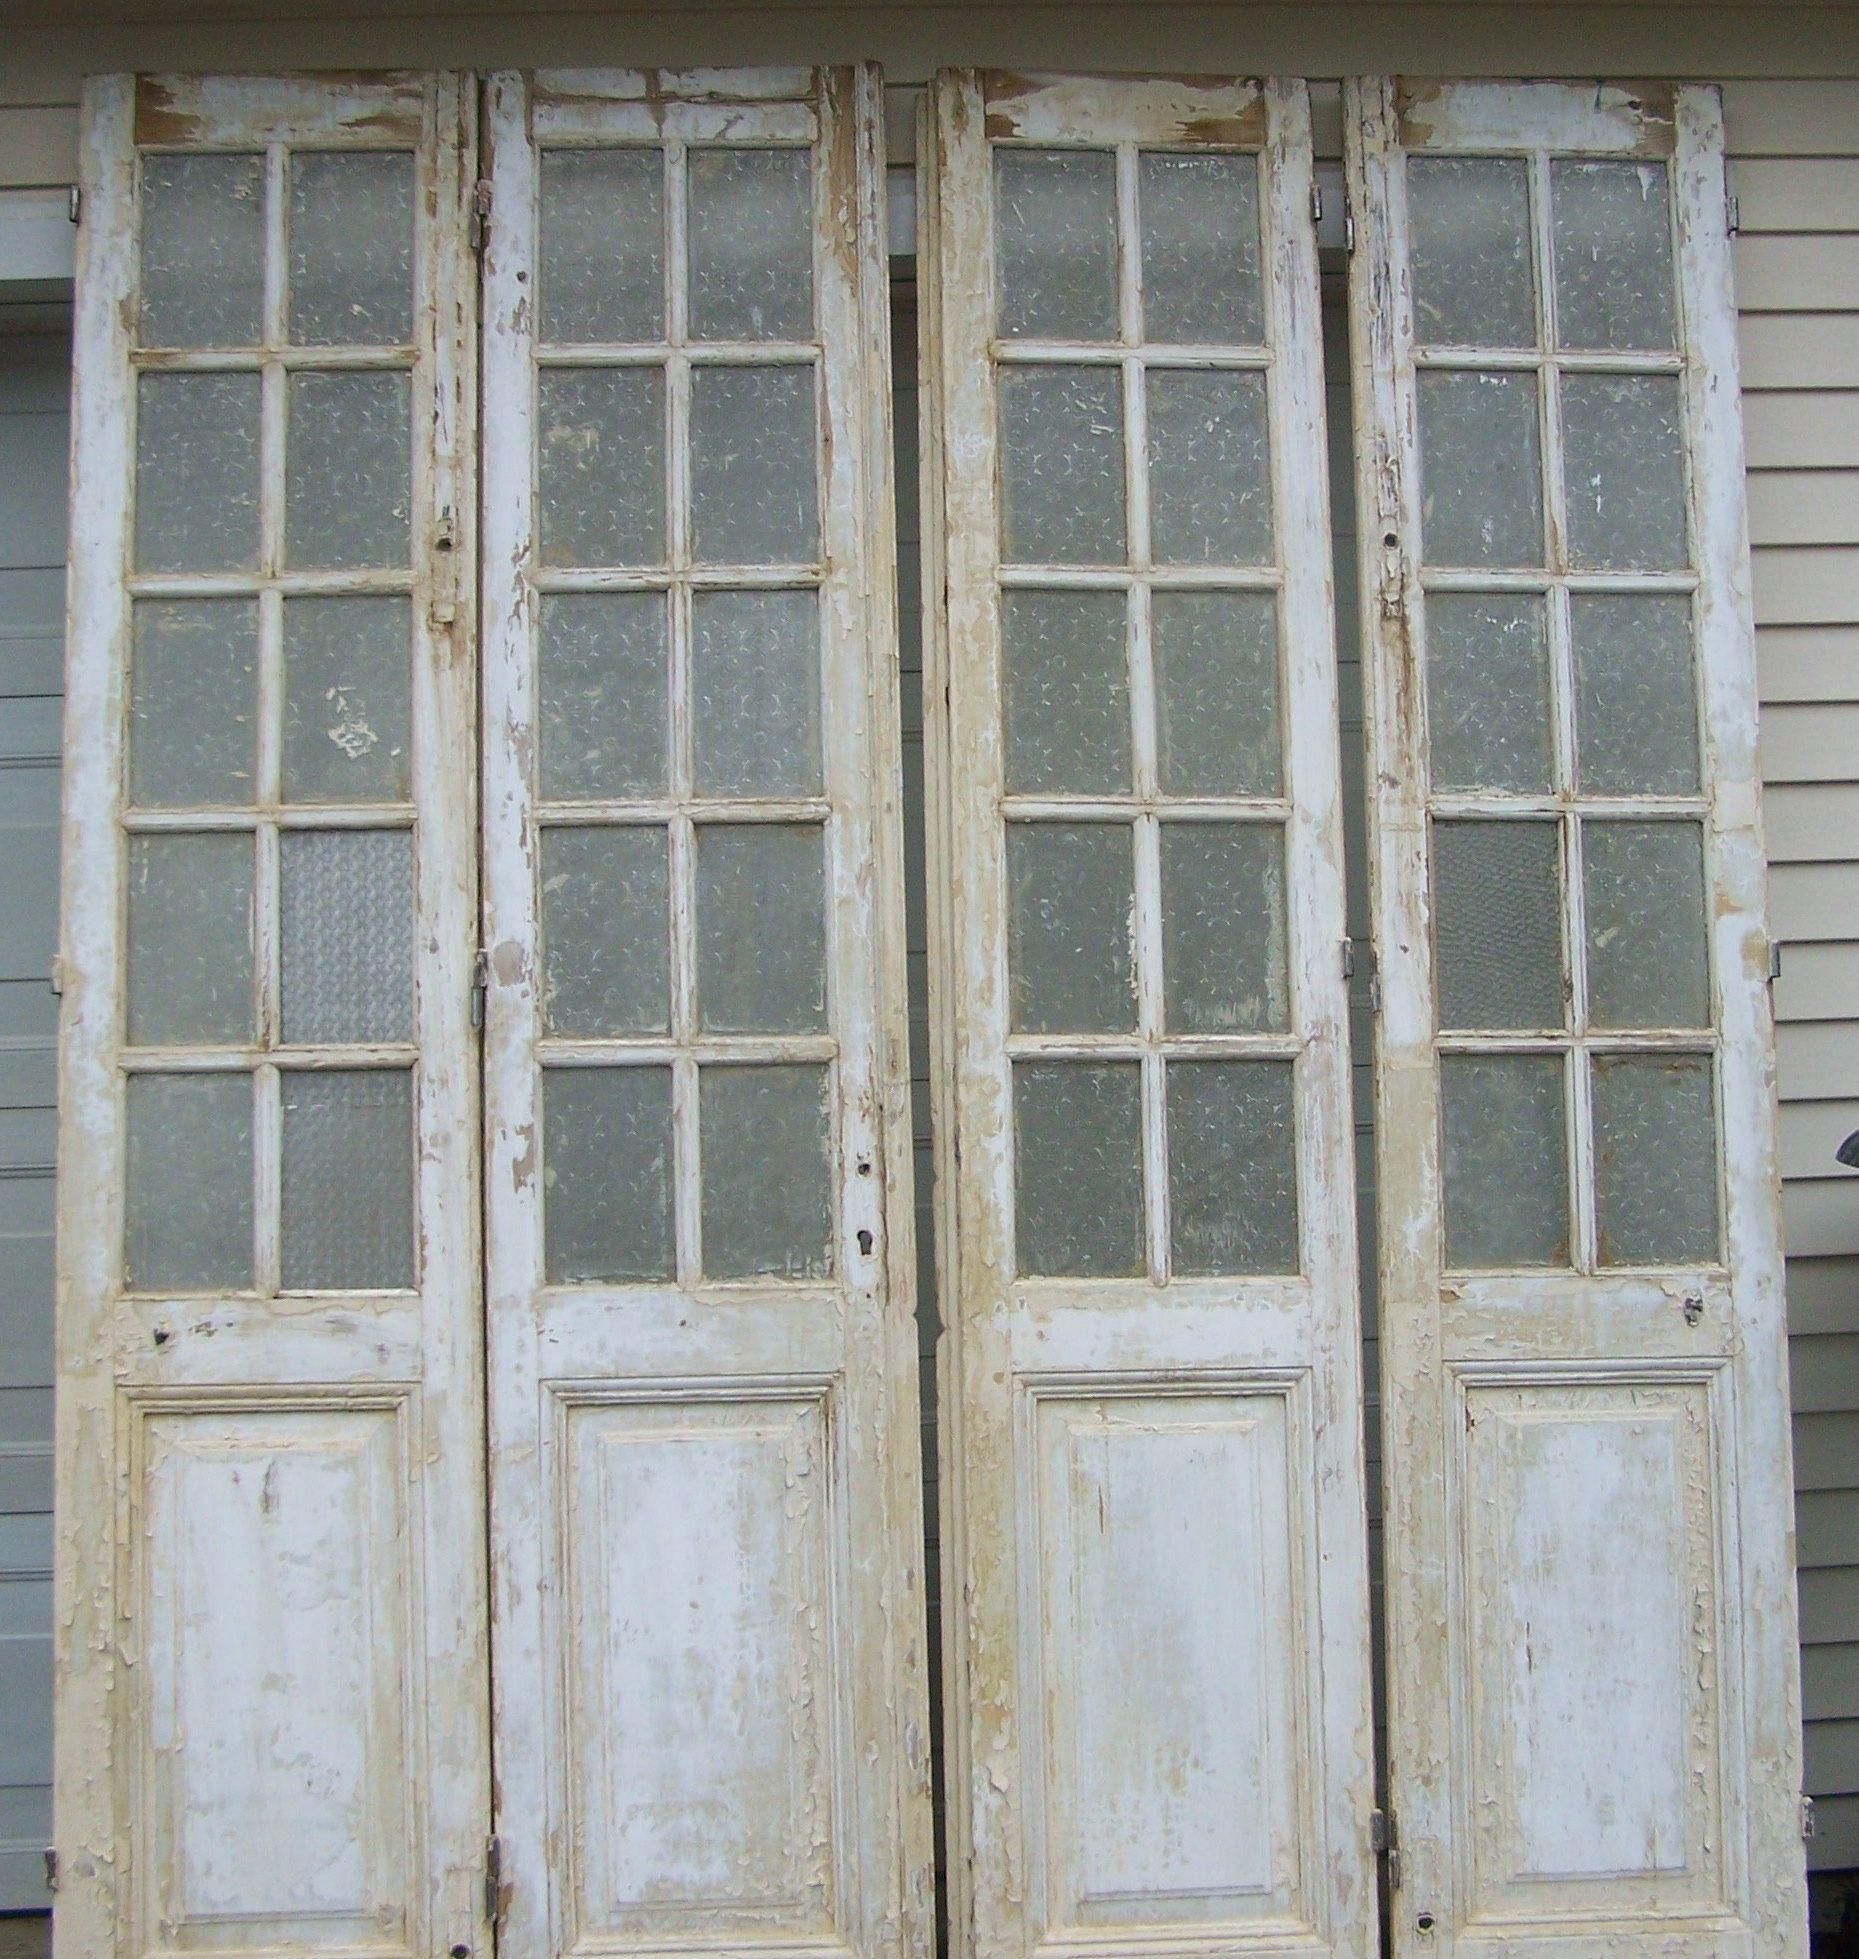 Antique Wood Four Panel Doors Glass Panels Mediterranean Salvage European Doors Old Pine Doors Architect How To Antique Wood European Doors Mediterranean Doors